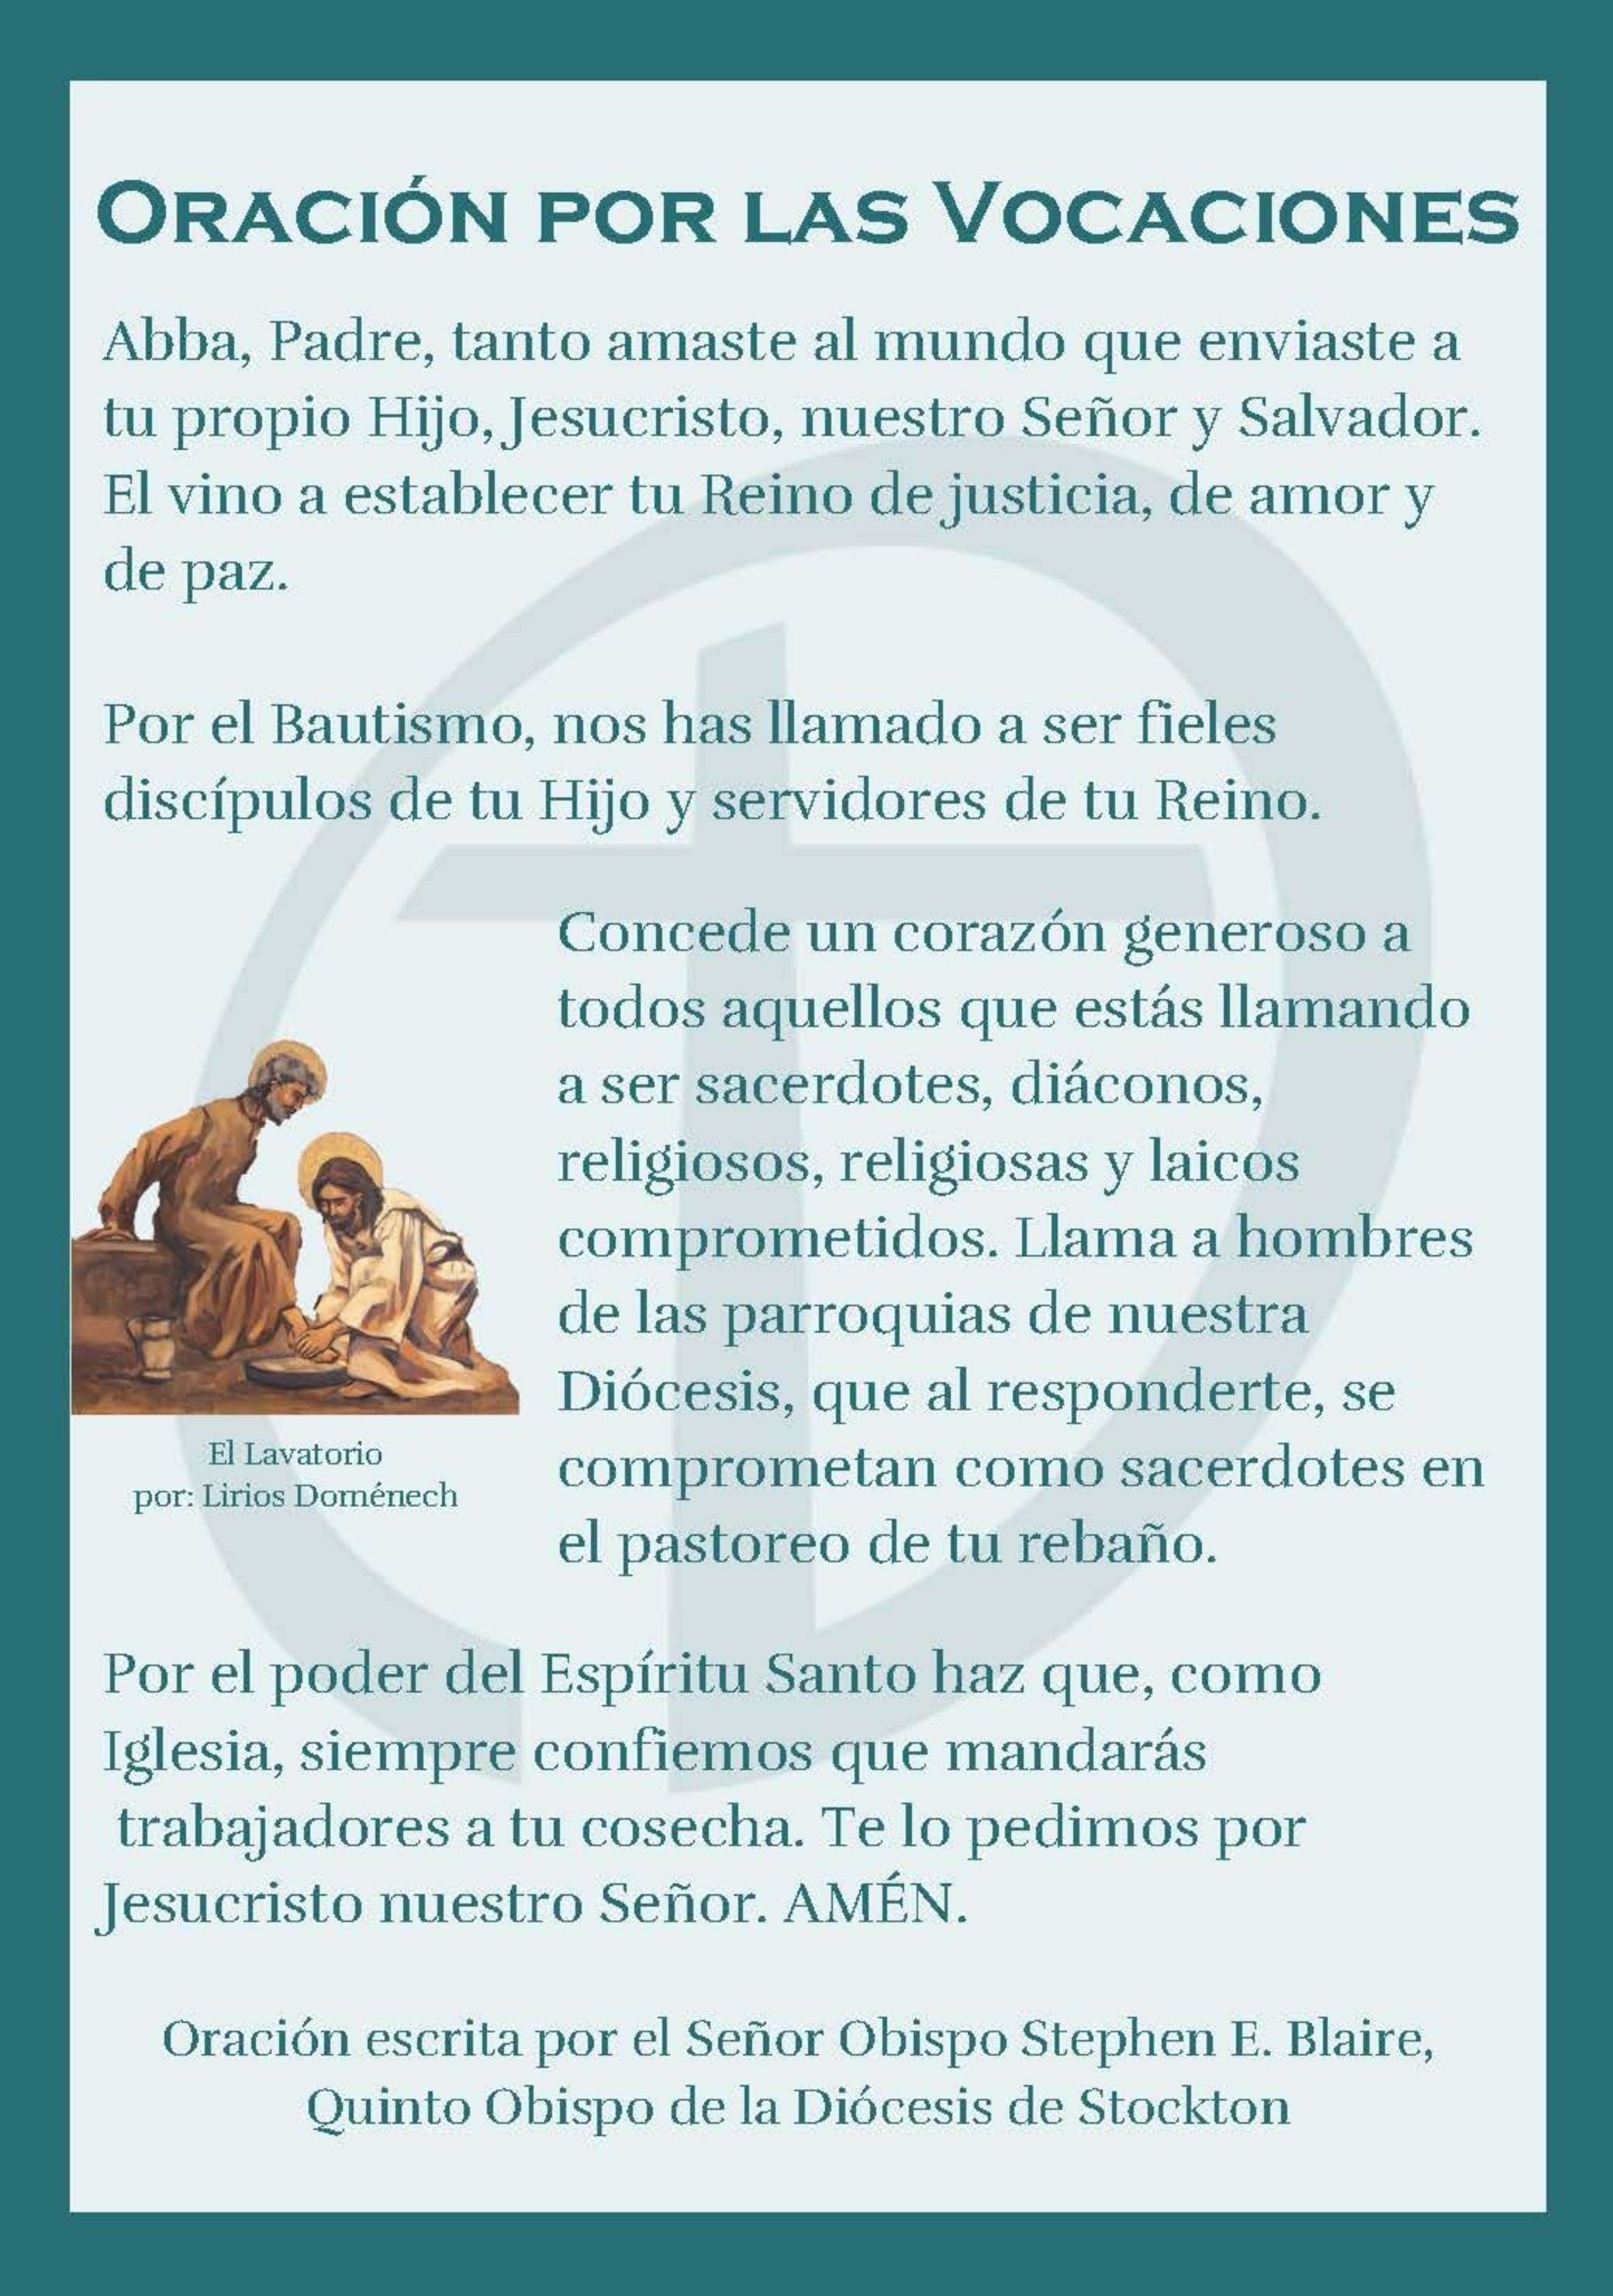 Oracion Para Vocaciones Page 1